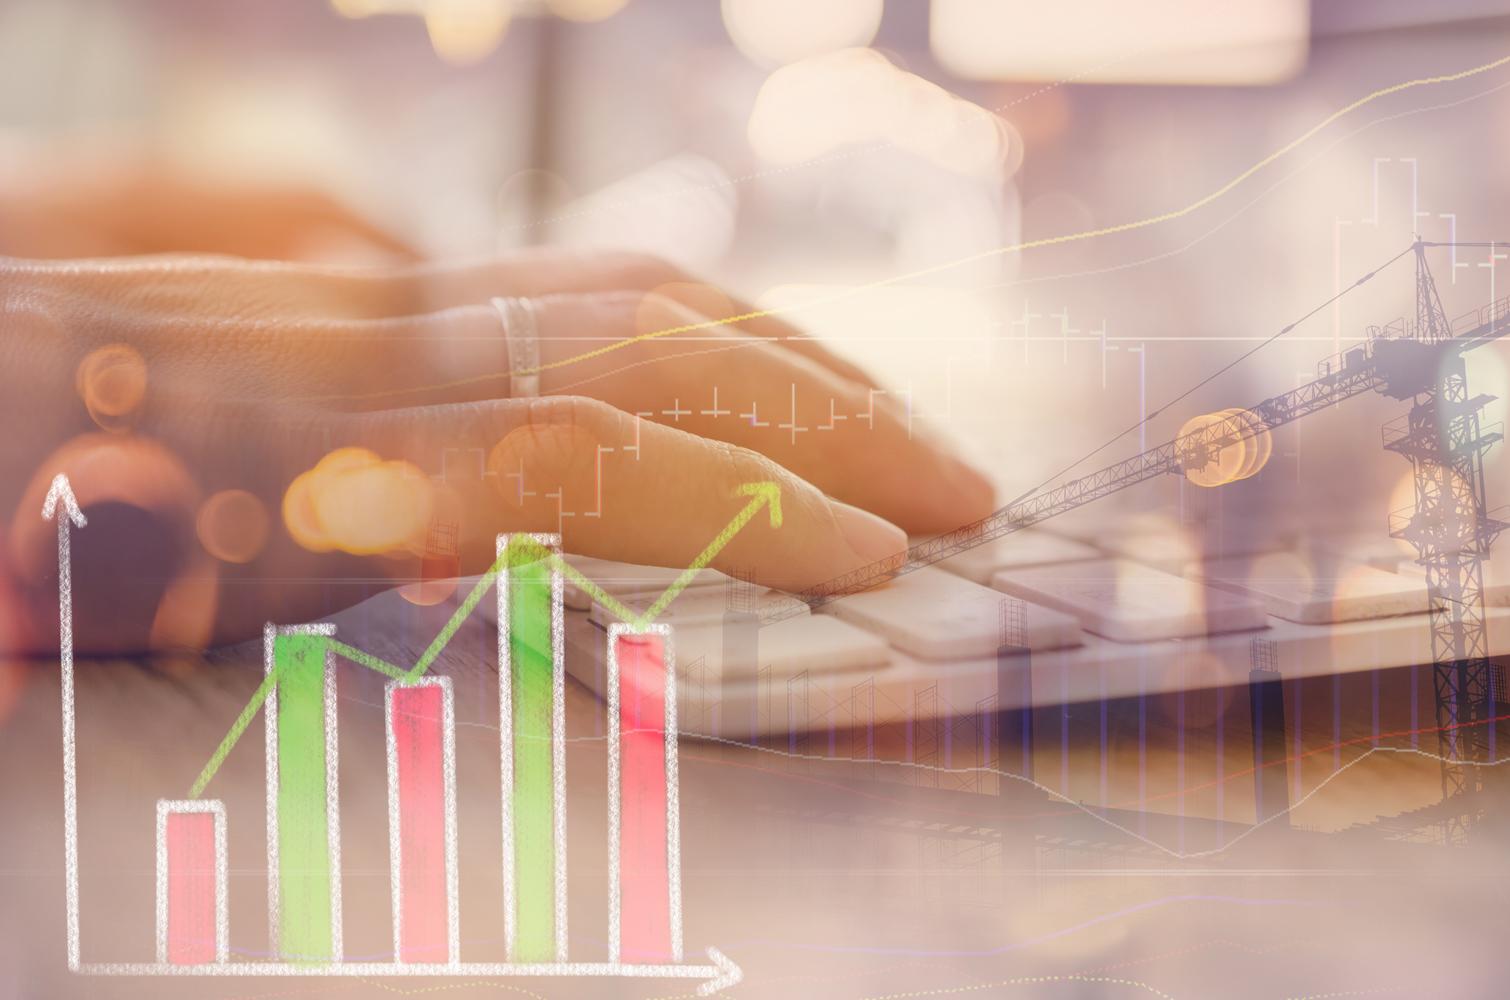 Aflați tranzacțiile CFD în 5 minute - Contract pentru